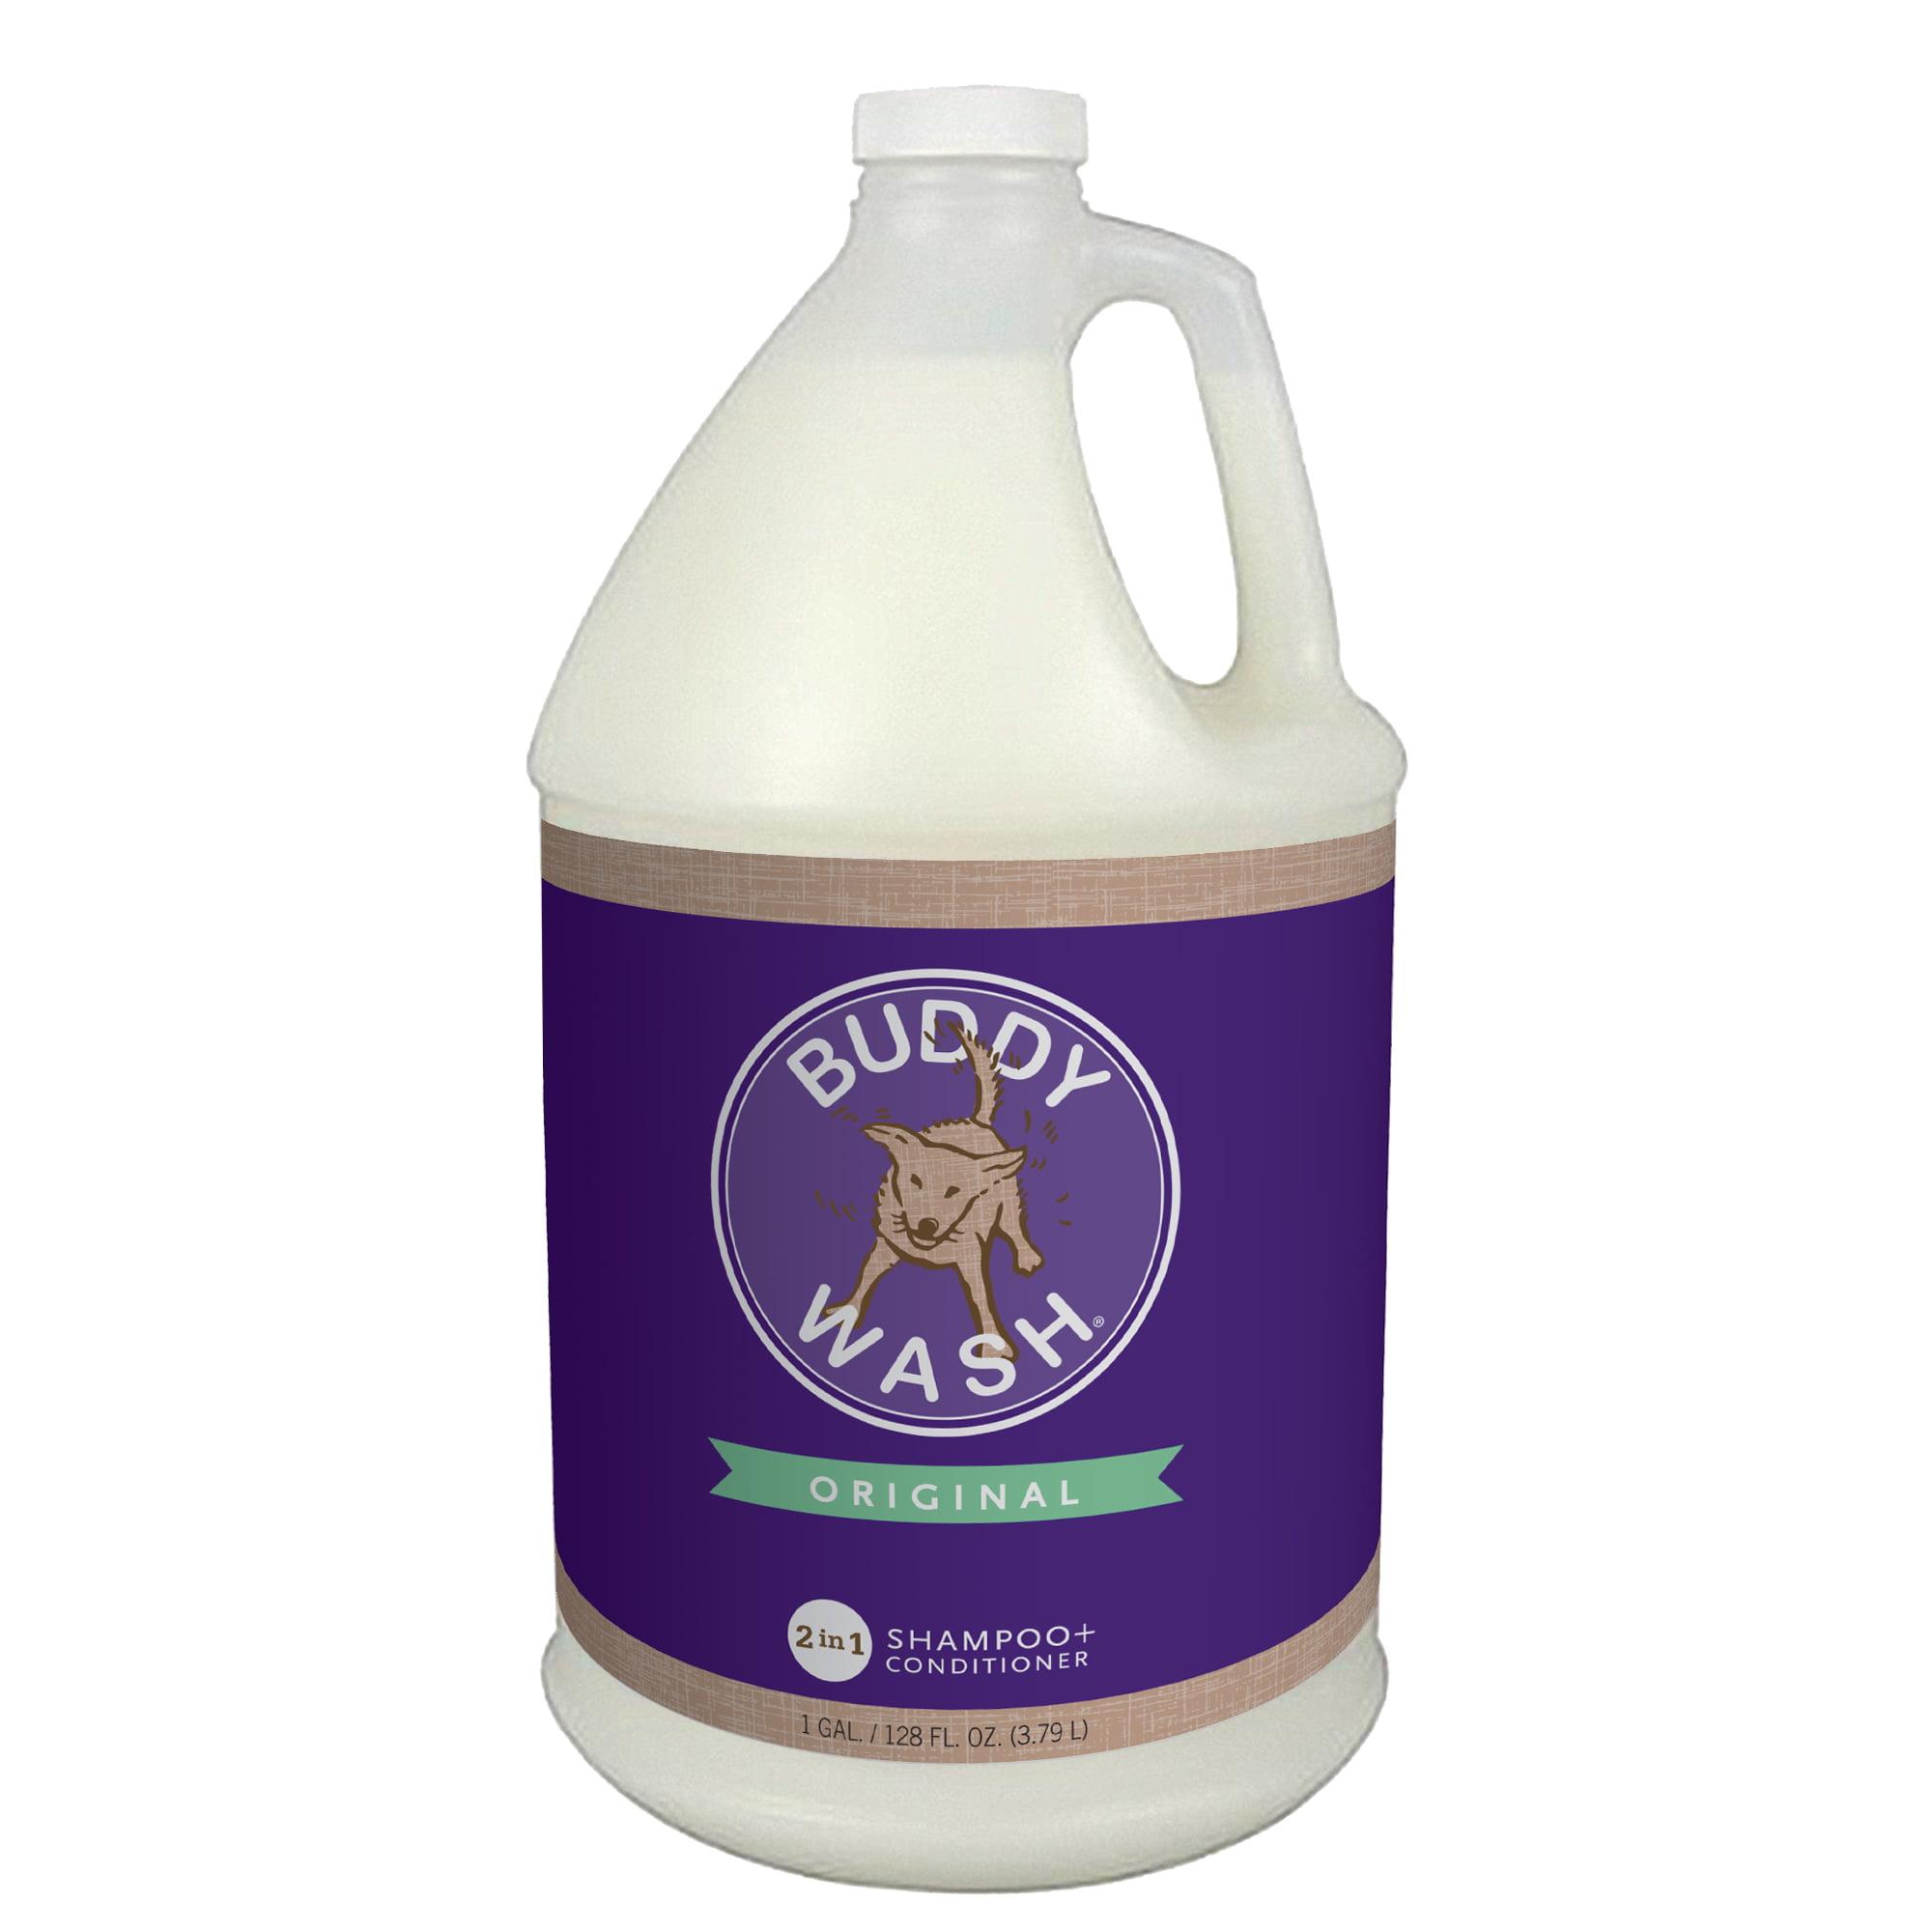 Cloud Star Buddy Wash Dog Shampoo & Conditioner, Lavender & Mint, 1 Gal